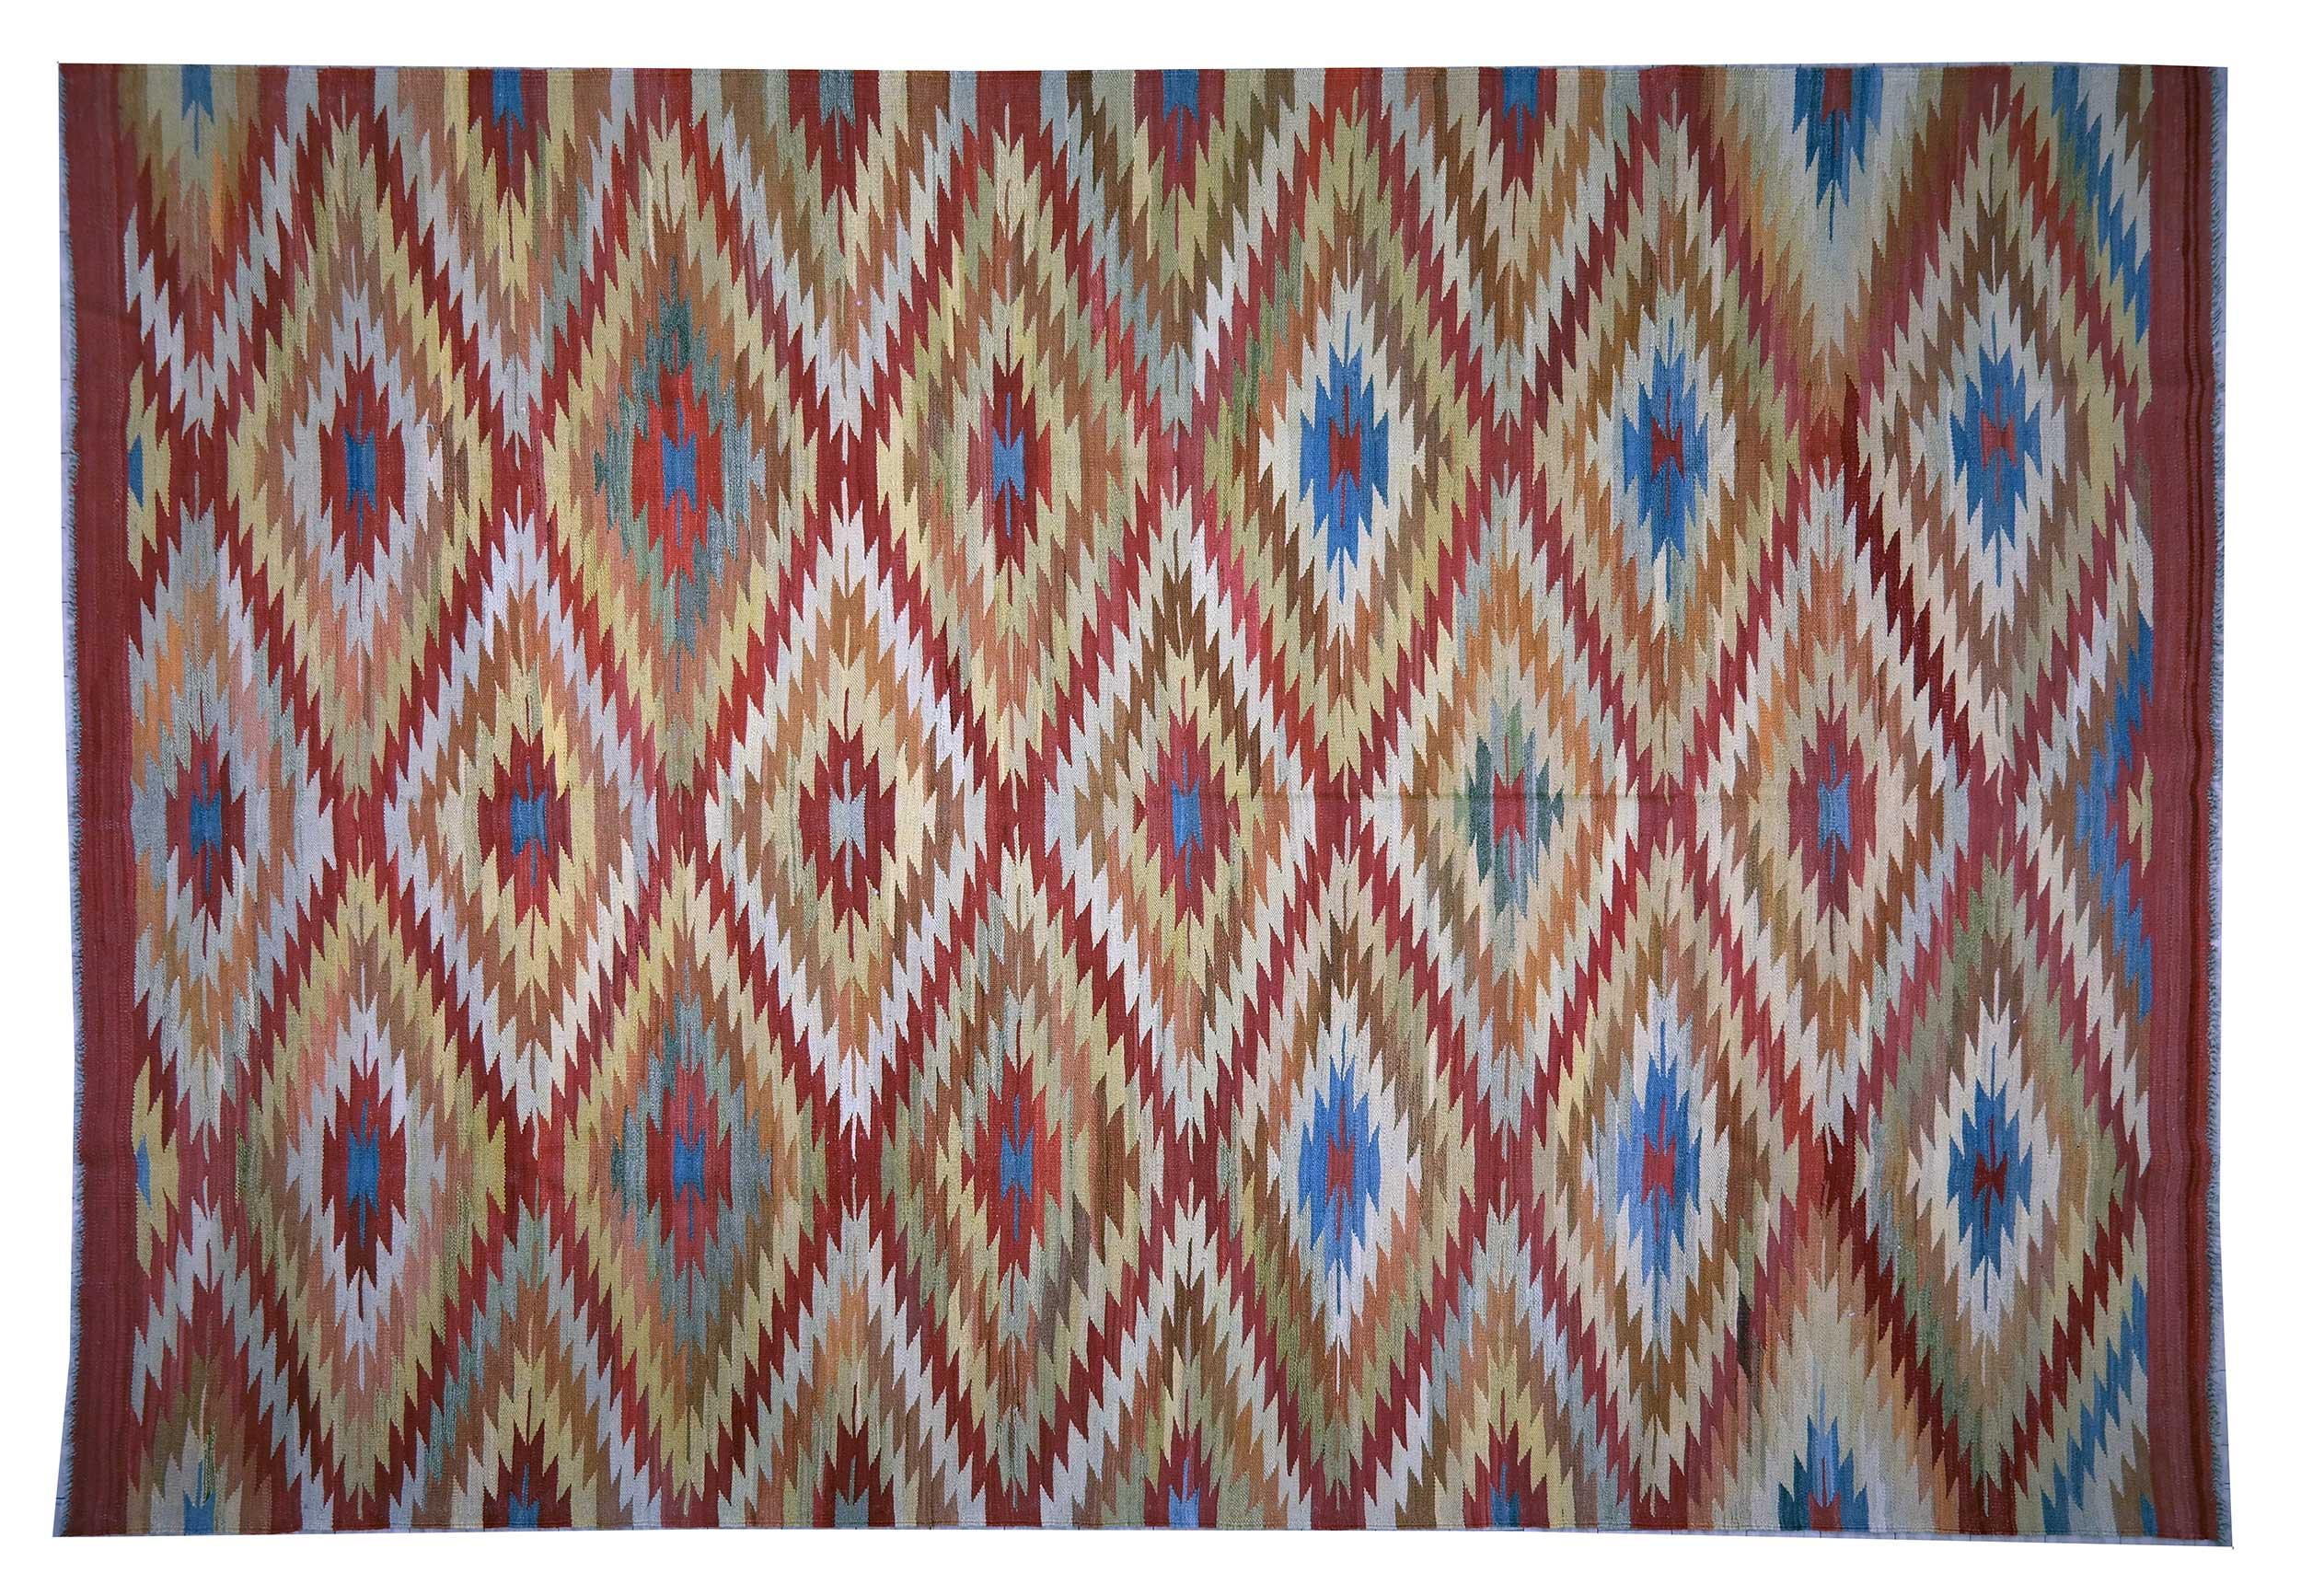 Tappeti Kilim Moderni : Tappeti moderni como cantù tmt tappeti moquette tende dal